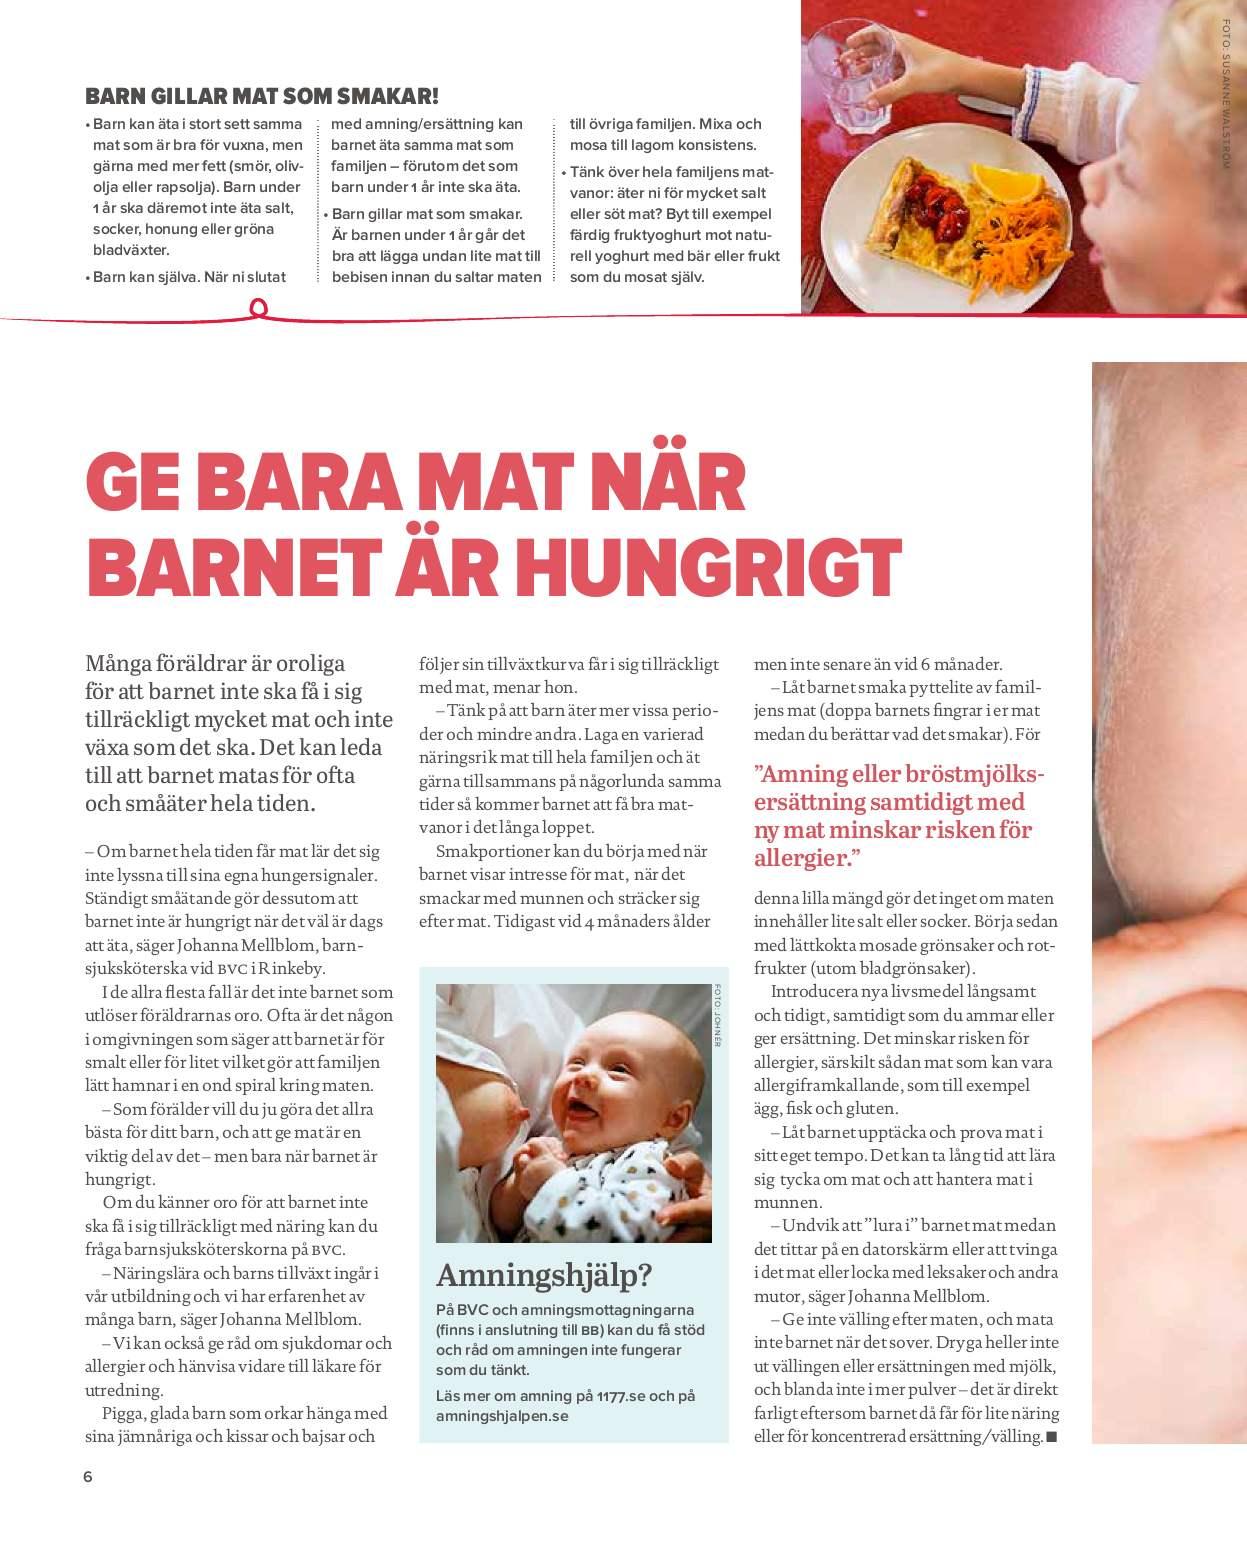 Ny strategi ska minska barns matallergier